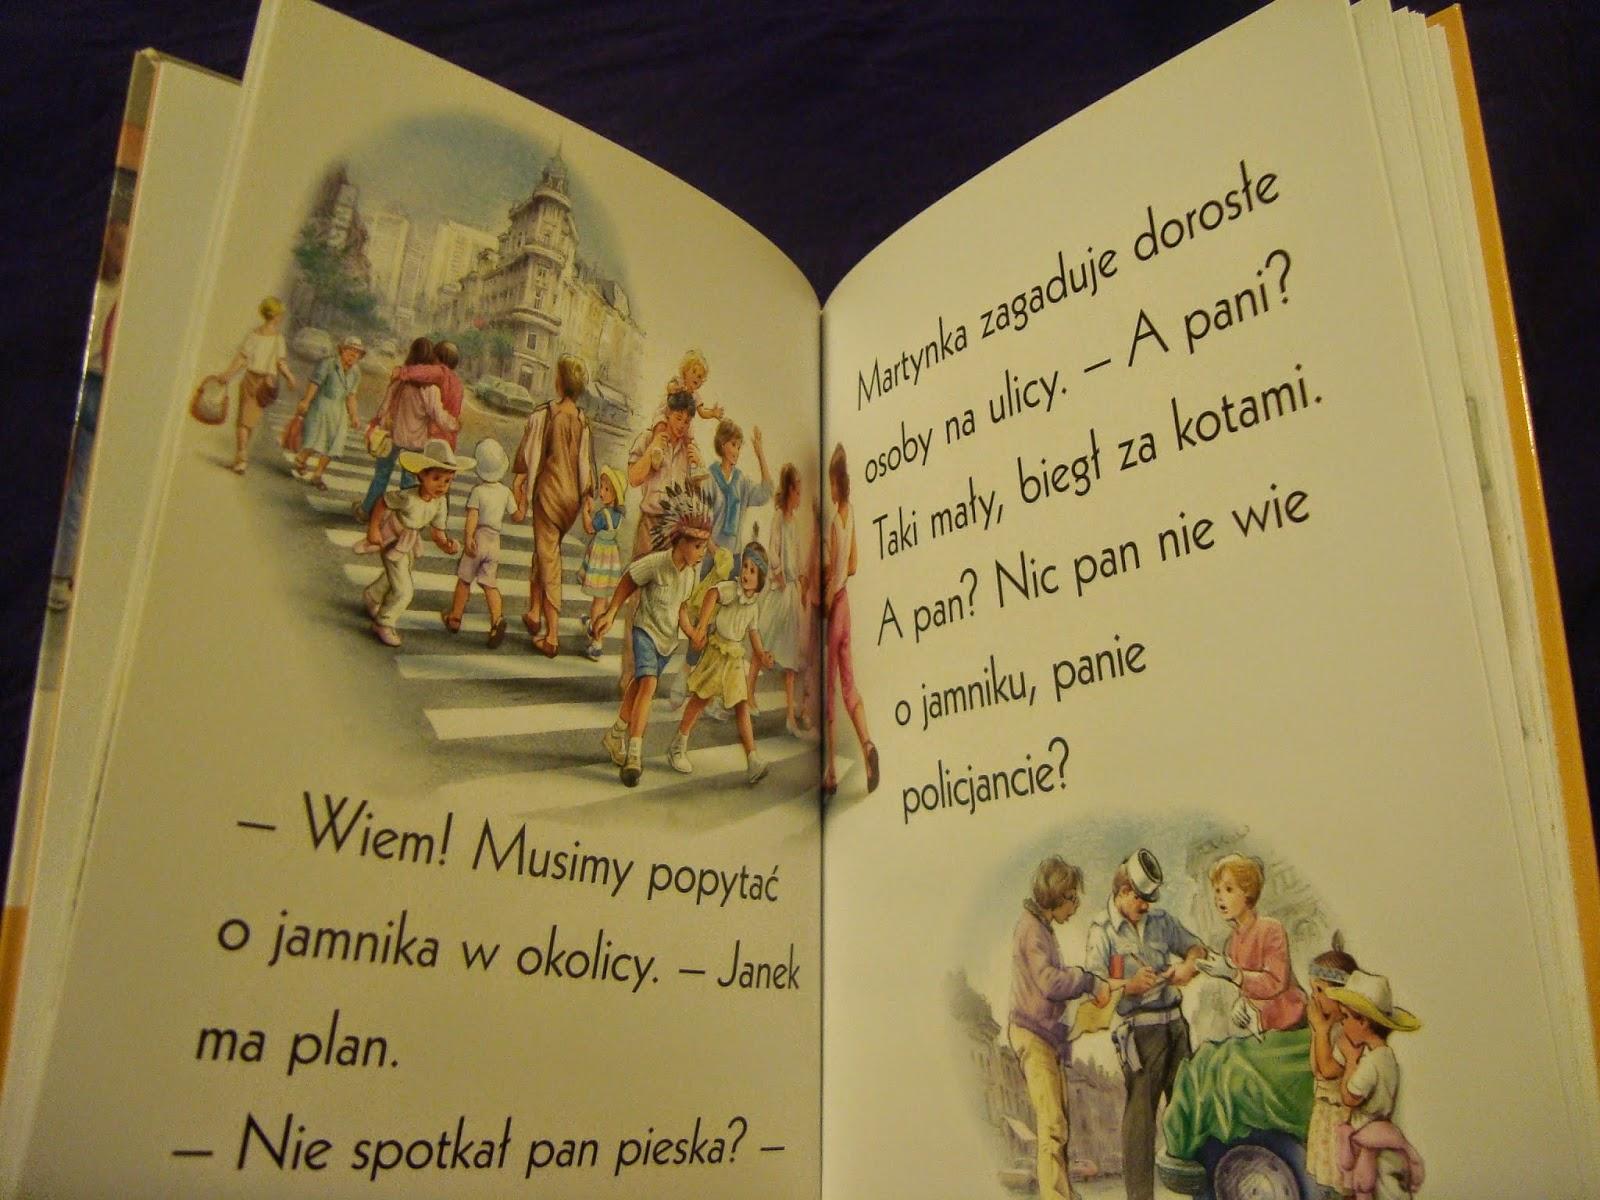 zaginiony piesek, książka do nauki czytania, seria o Martynce